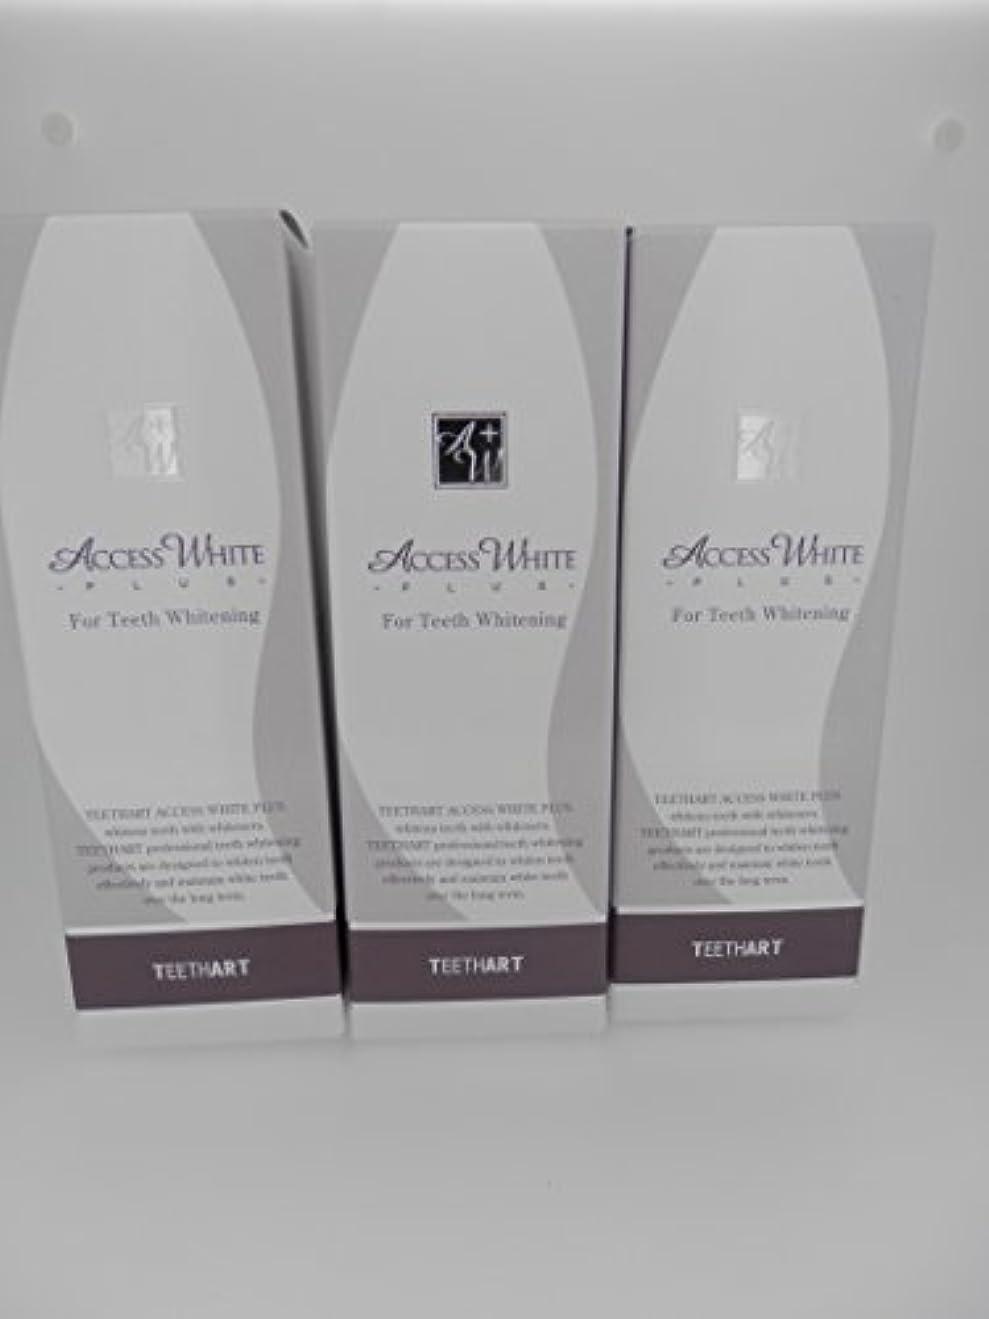 レビュアー気味の悪い過言TEETHART(ティースアート) アクセスホワイトプラス ローズミントハーブタイプ 3本セット